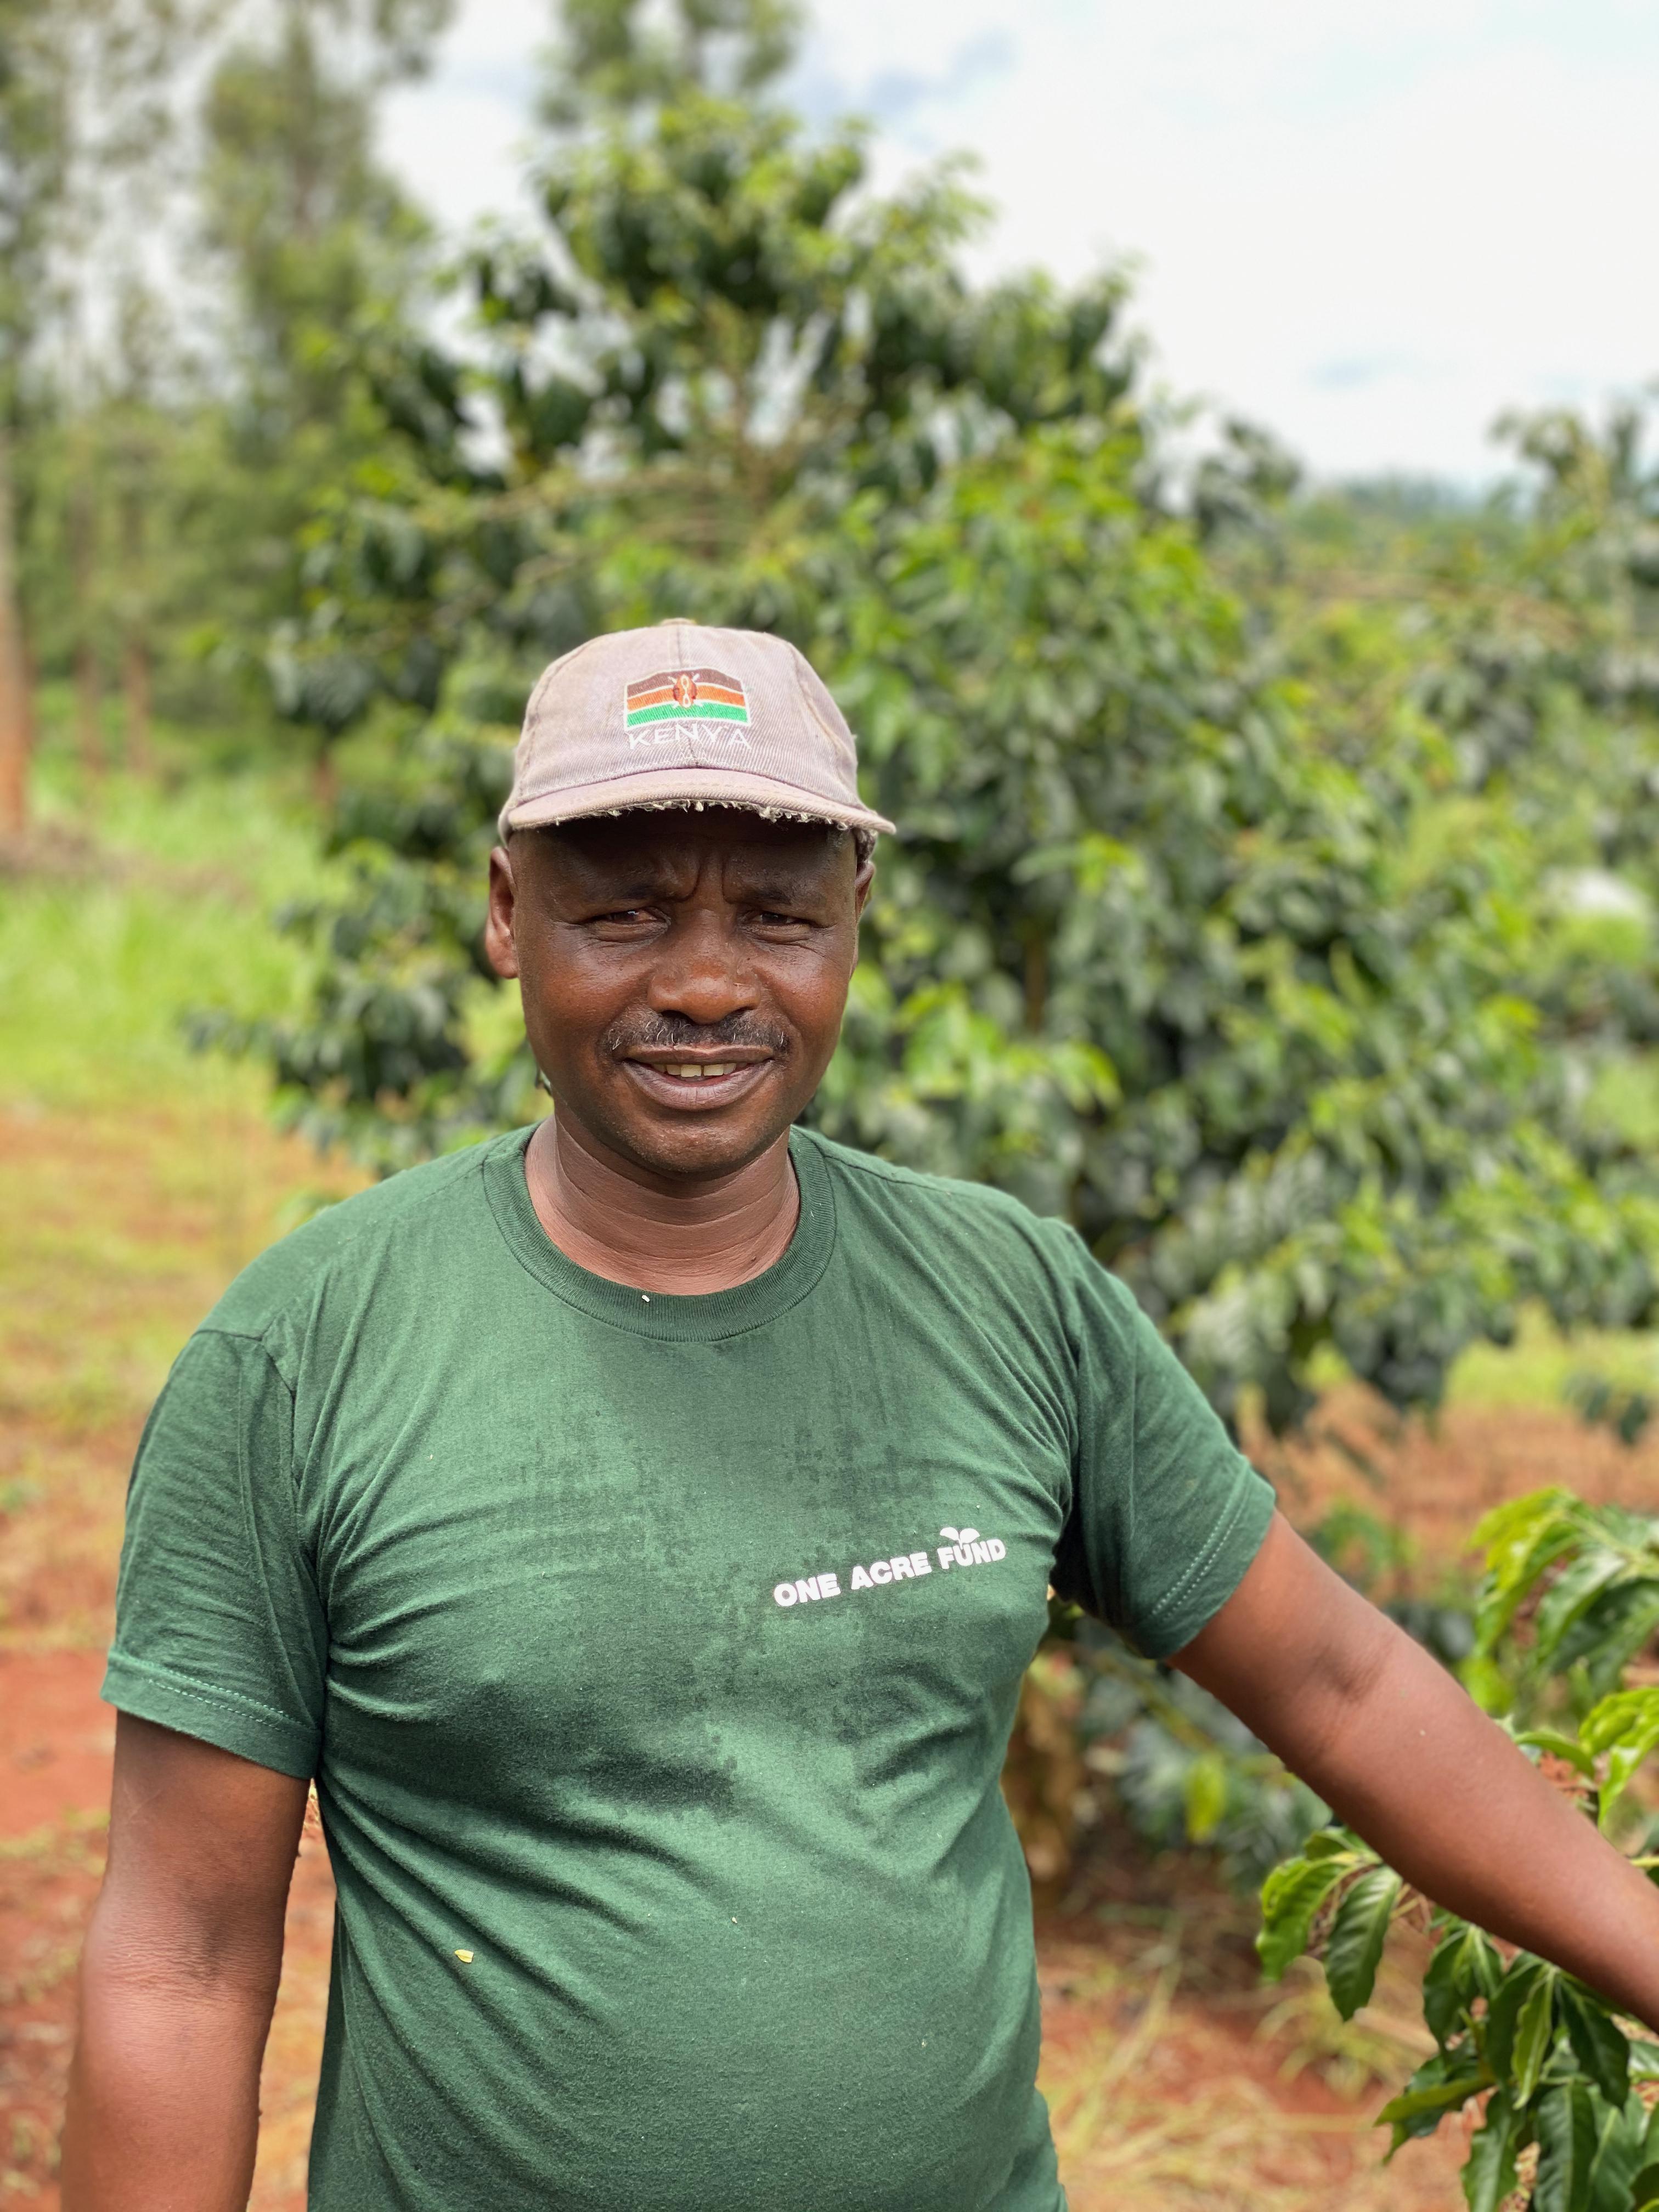 Joseph Ngari er blandt de Kieni farmere vi besøger hvert år